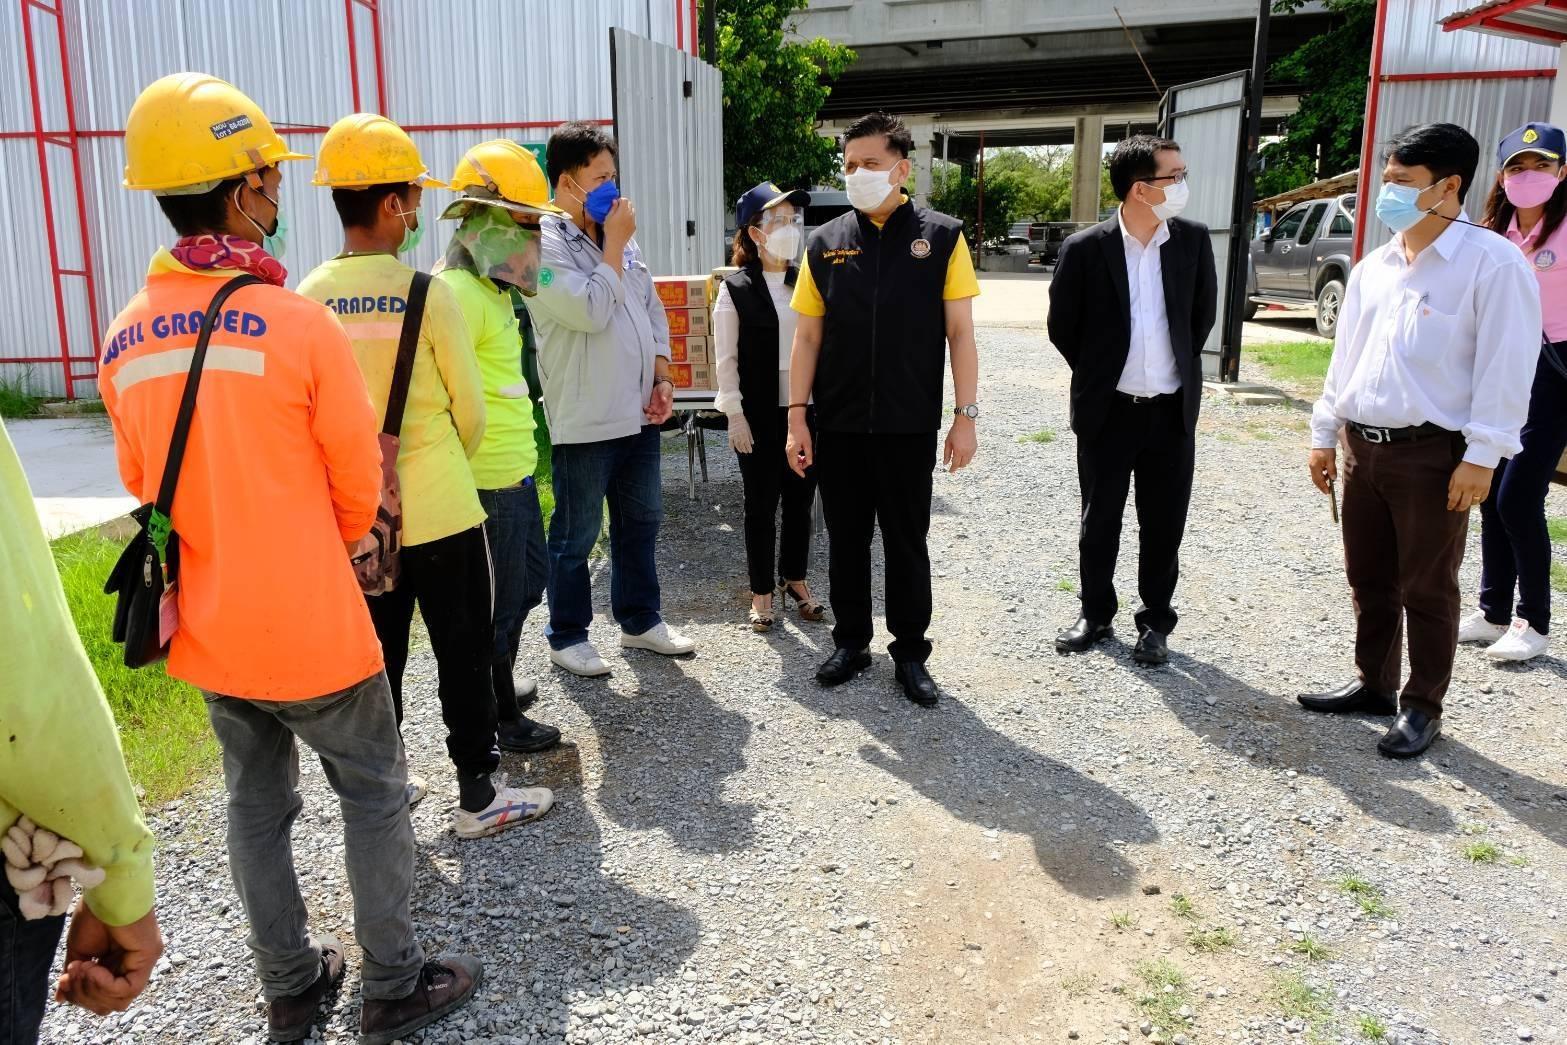 รมว.แรงงาน มอบ อธิบดีกรมการจัดหางาน ลงพื้นที่แจกอาหารแรงงานในแคมป์ก่อสร้างย่านจัตุจักร